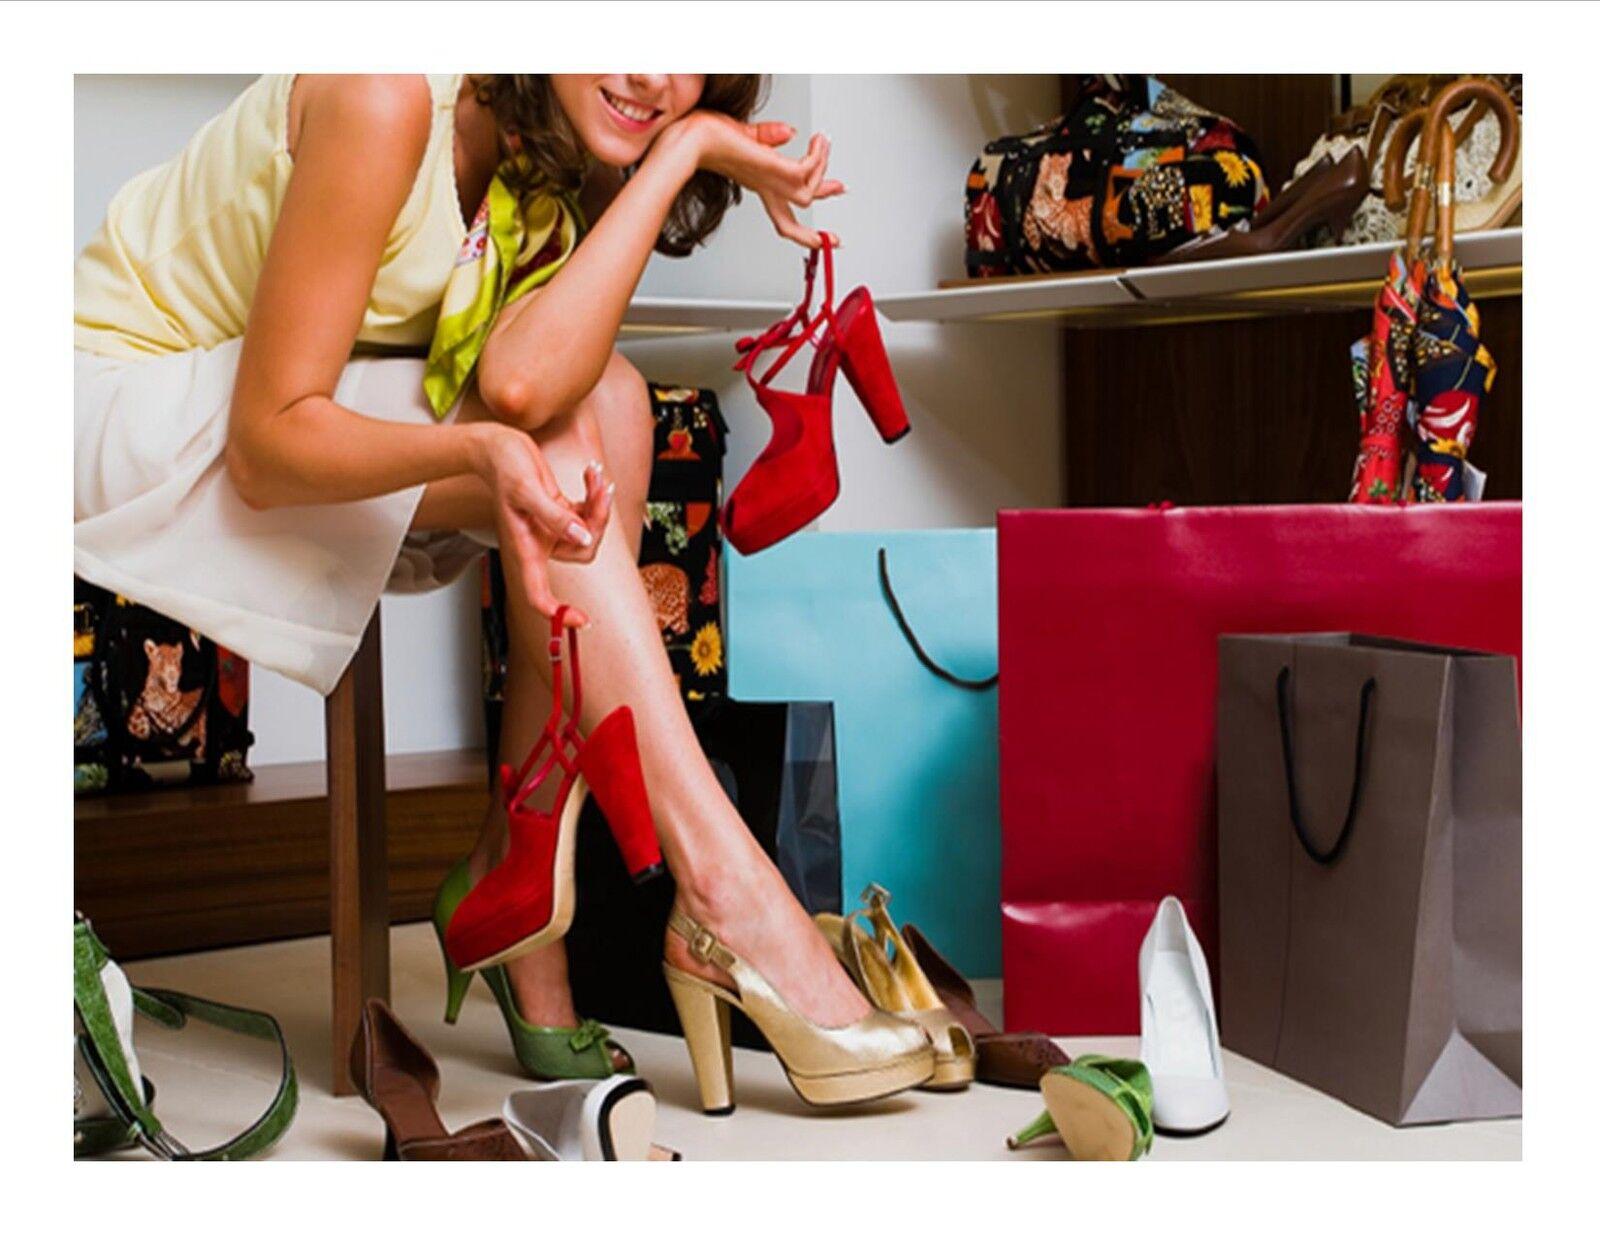 LGJ Fashions